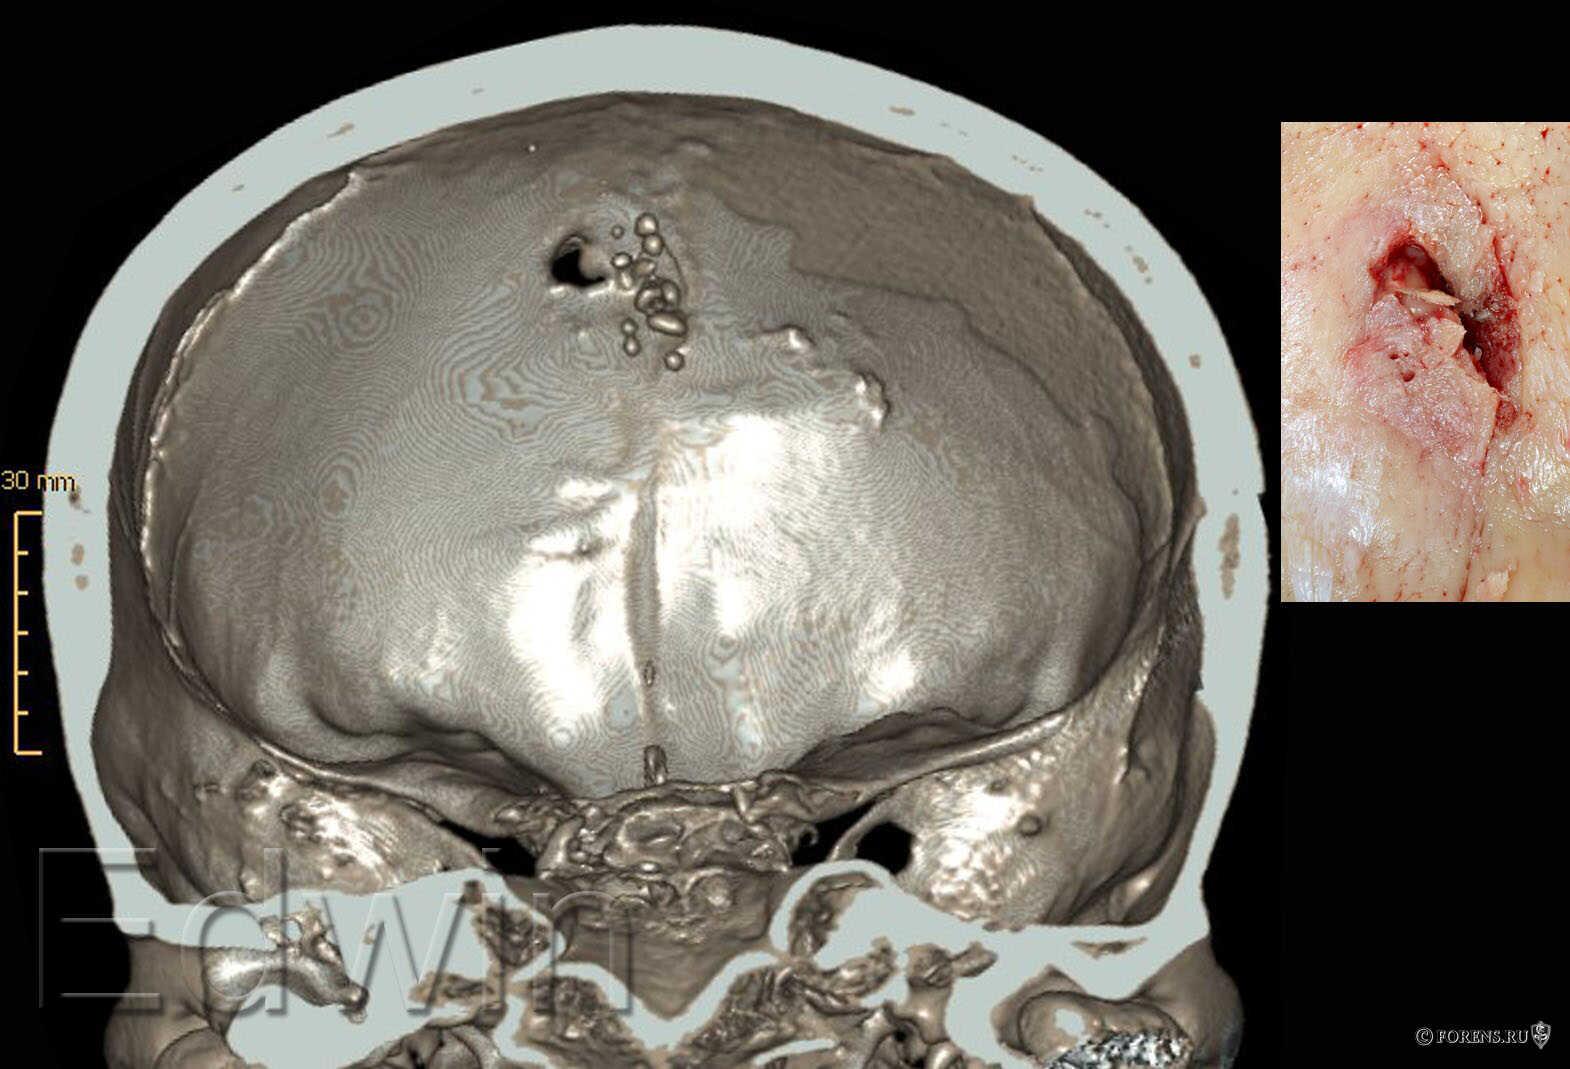 Входное огнестрельное повреждение на внутренней компактной пластинке лобной кости.